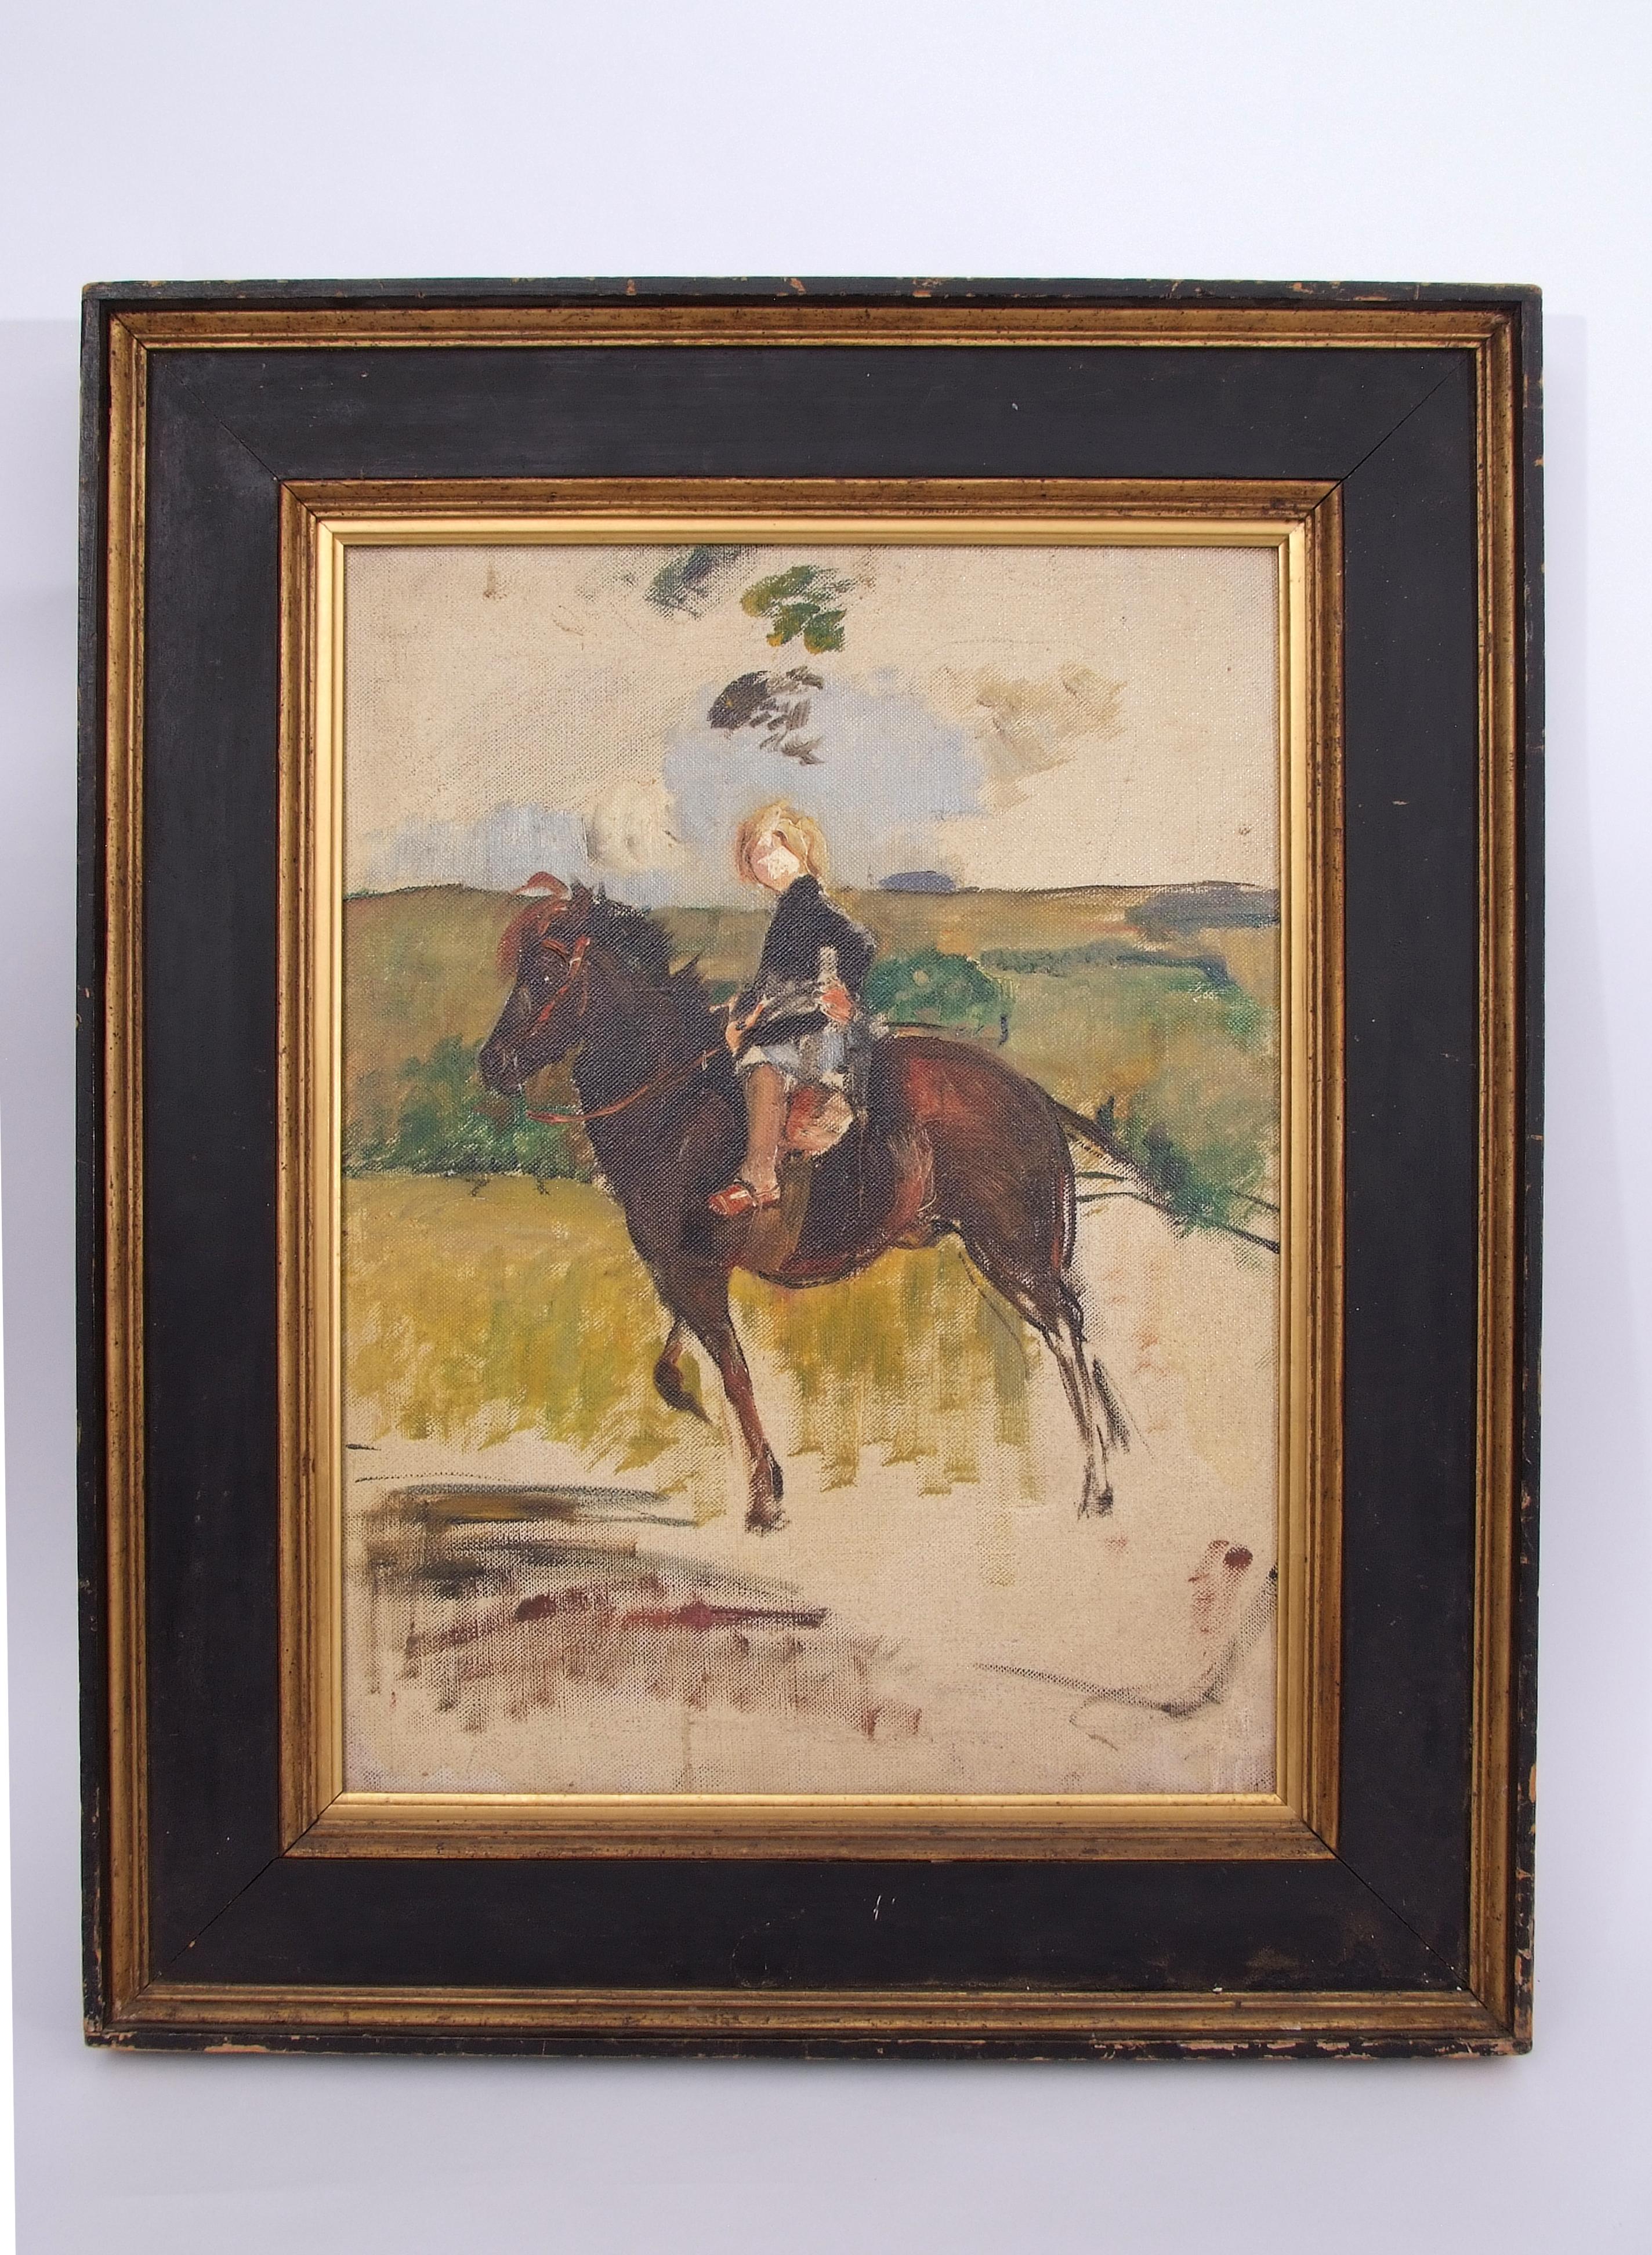 Lot 1304 - Annie Louisa Swynnerton (1844-1933) Miss Elizabeth Williamson on a Pony oil on canvas, 53 x 39cm